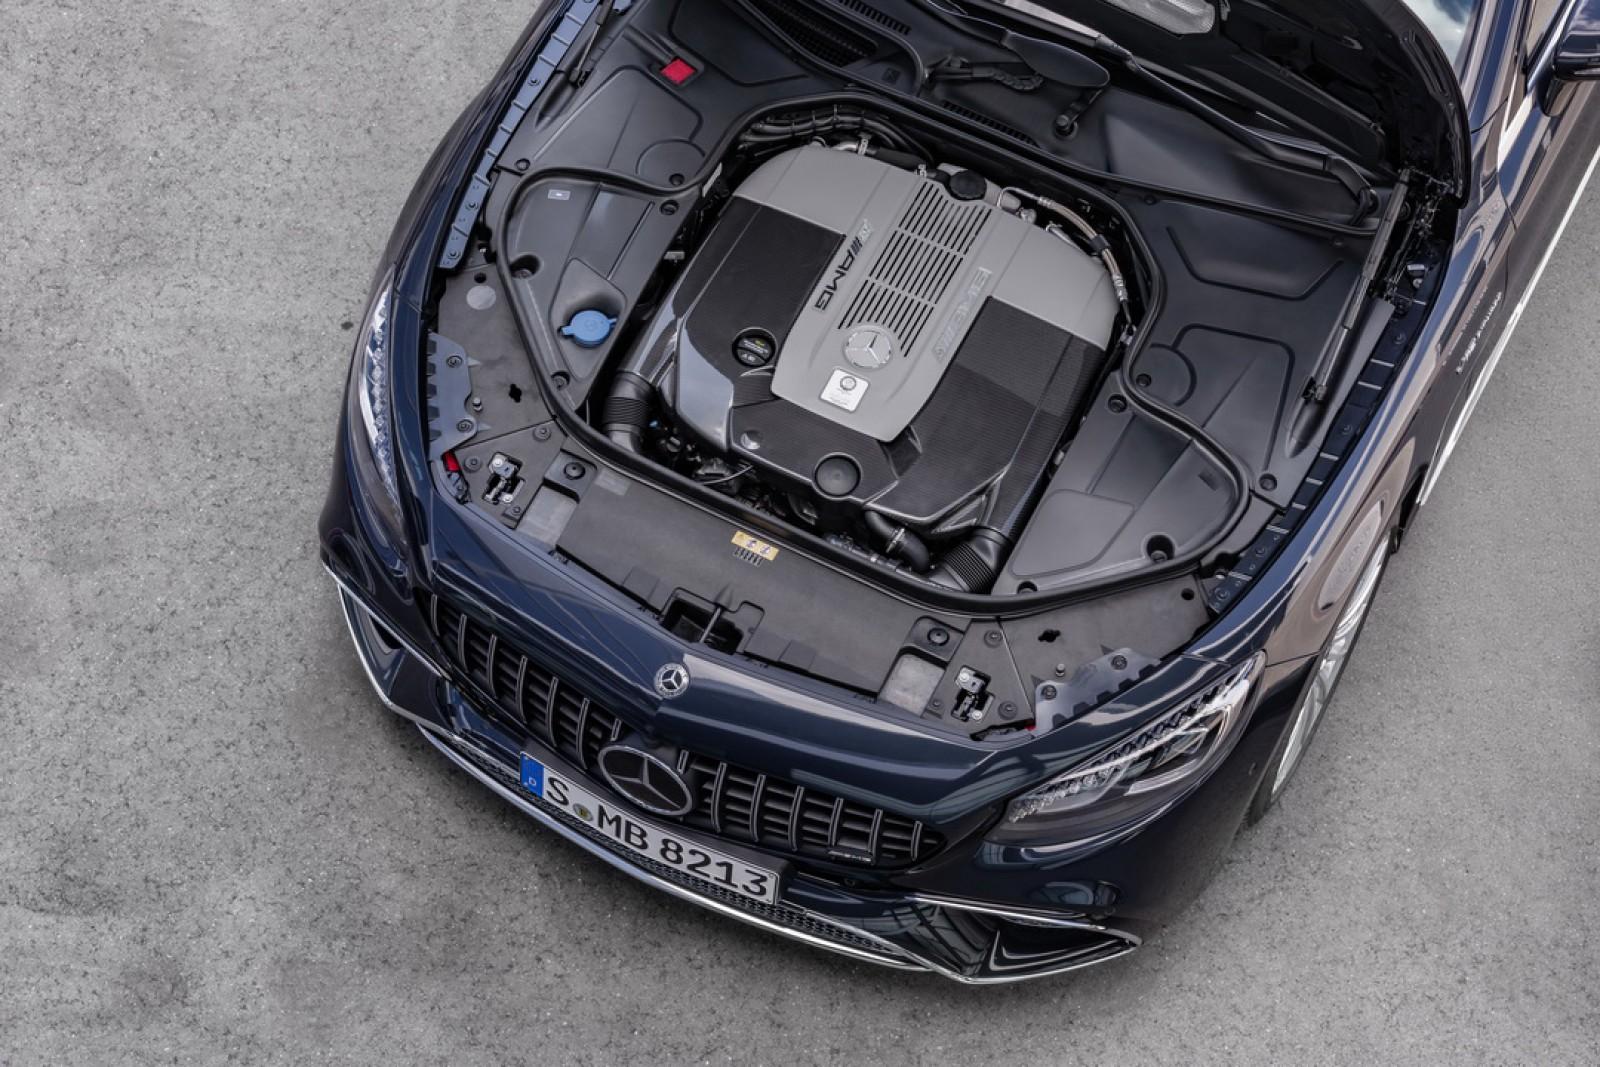 AMG va renunţa la motoarele V12 pentru modelele Mercedes. Când se va întâmpla şi cu ce le va înlocui